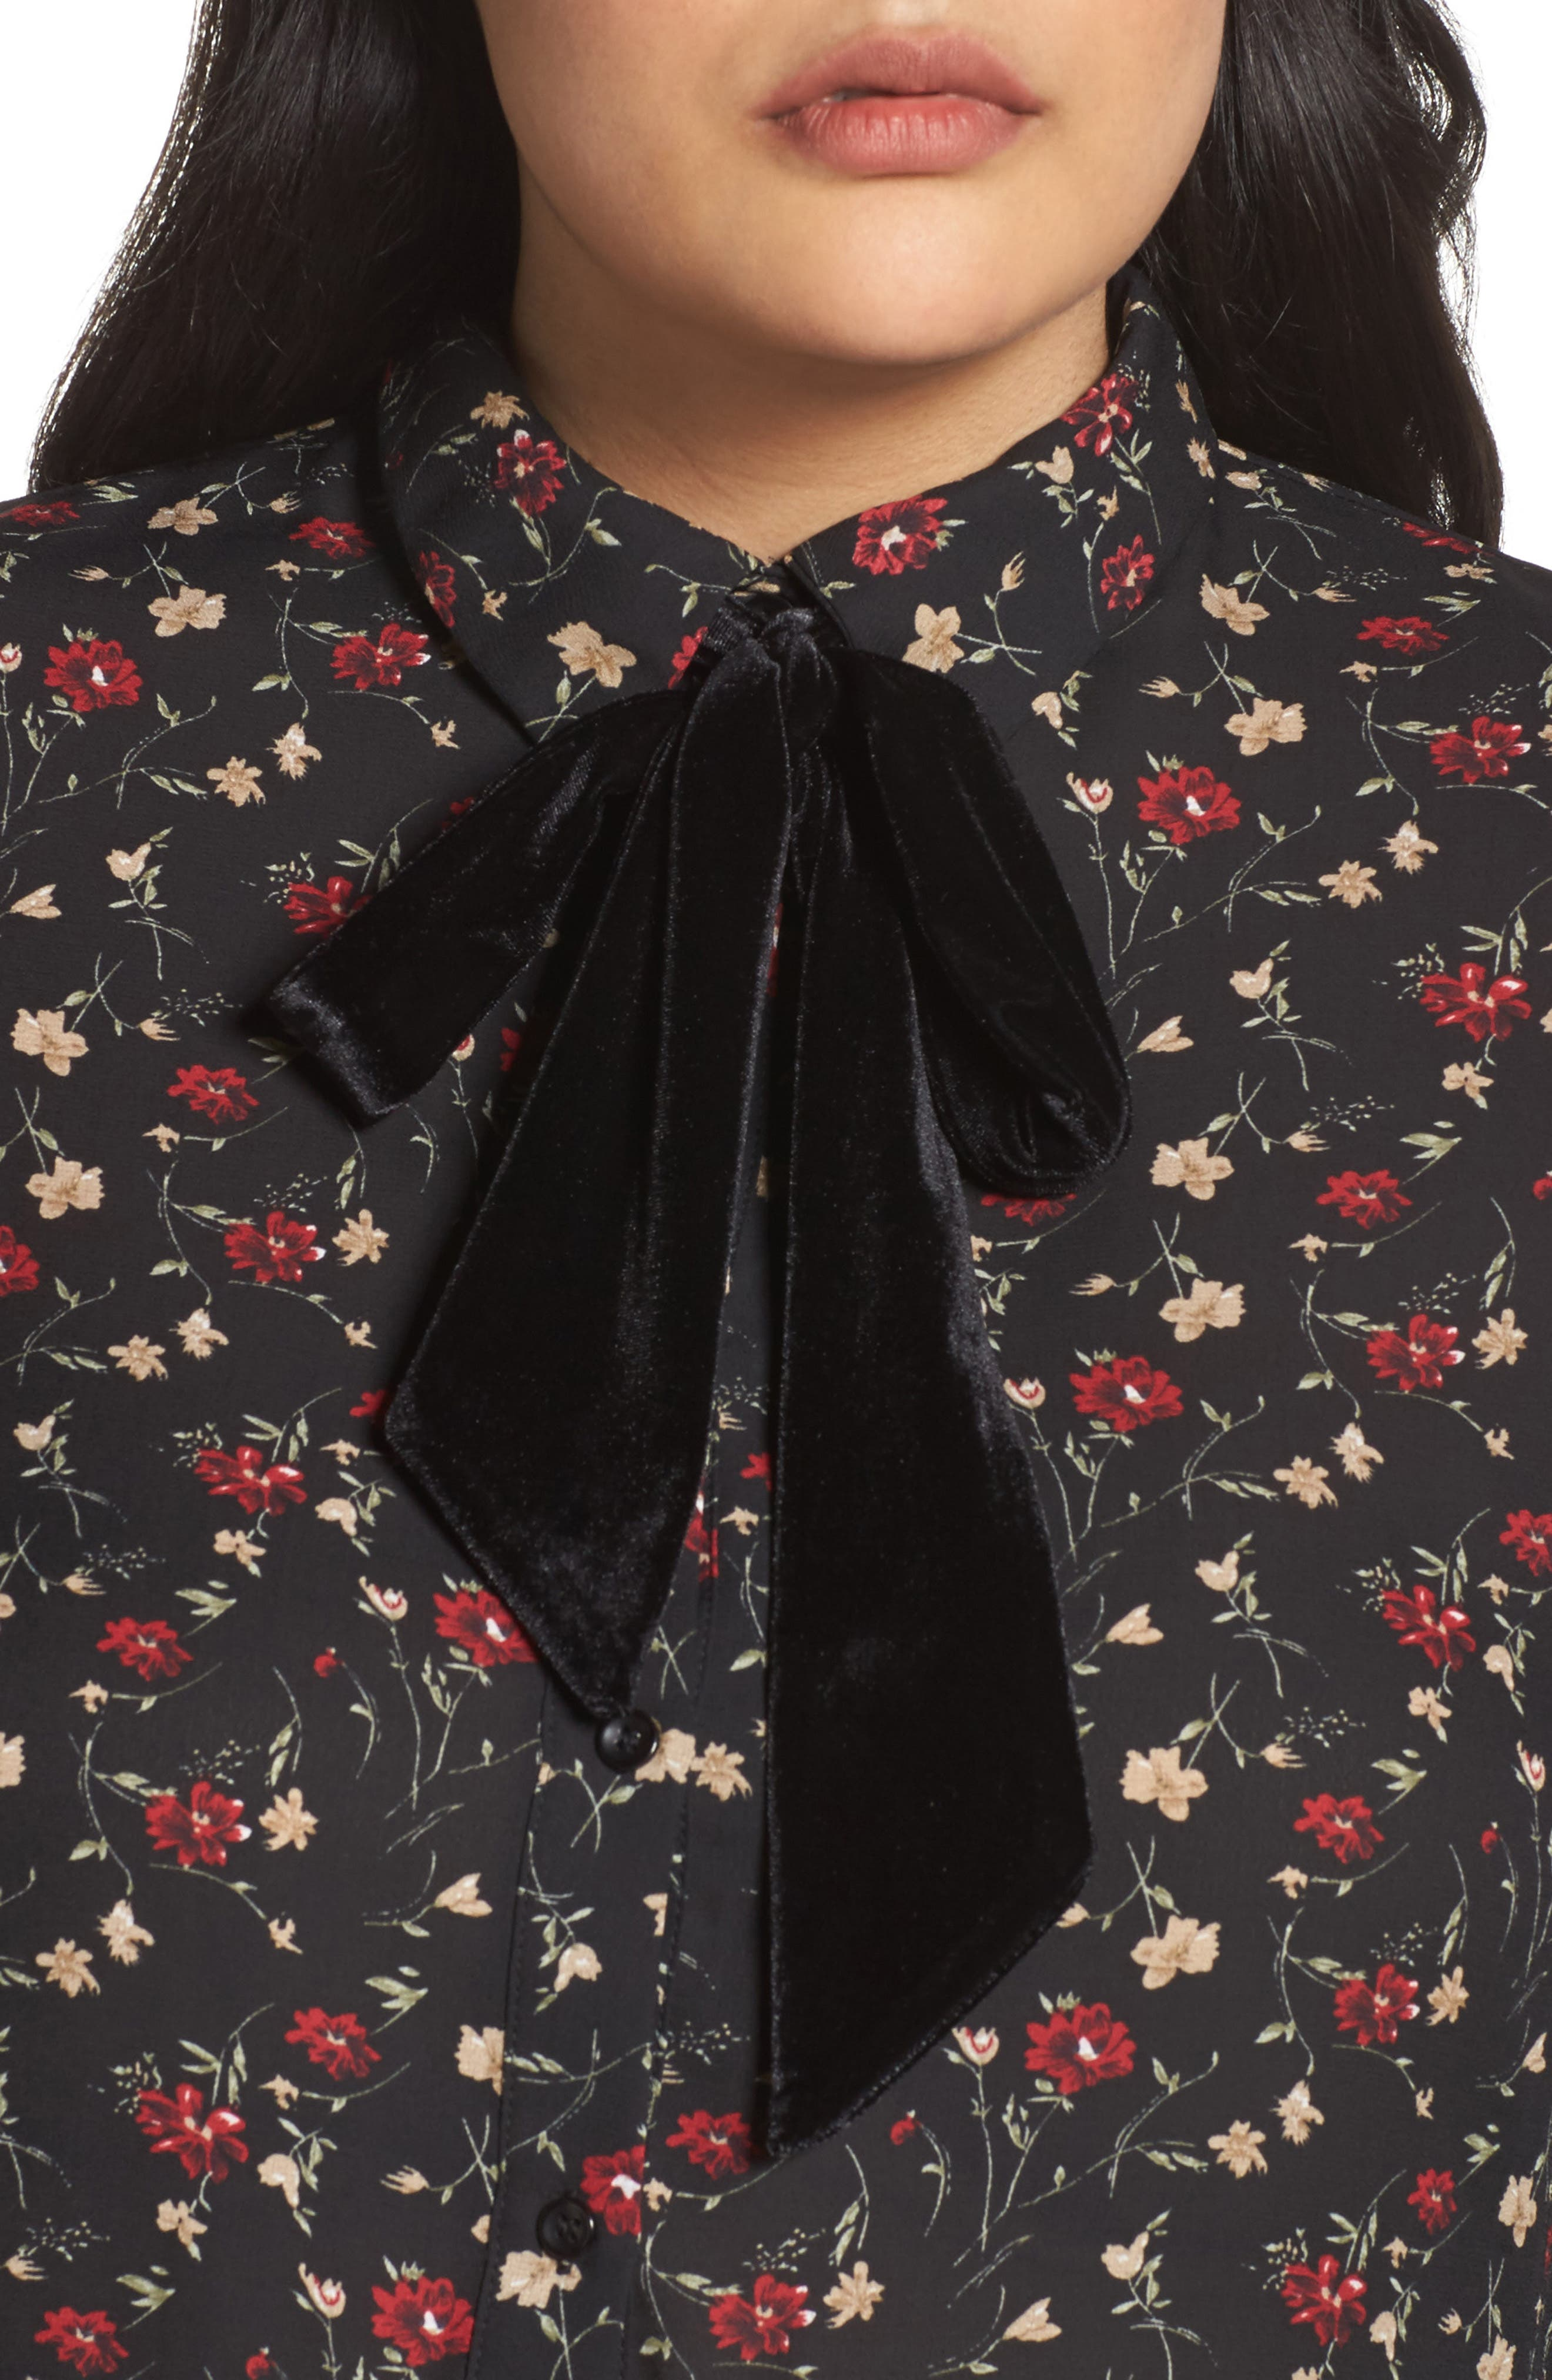 Velvet Tie Floral Blouse,                             Alternate thumbnail 4, color,